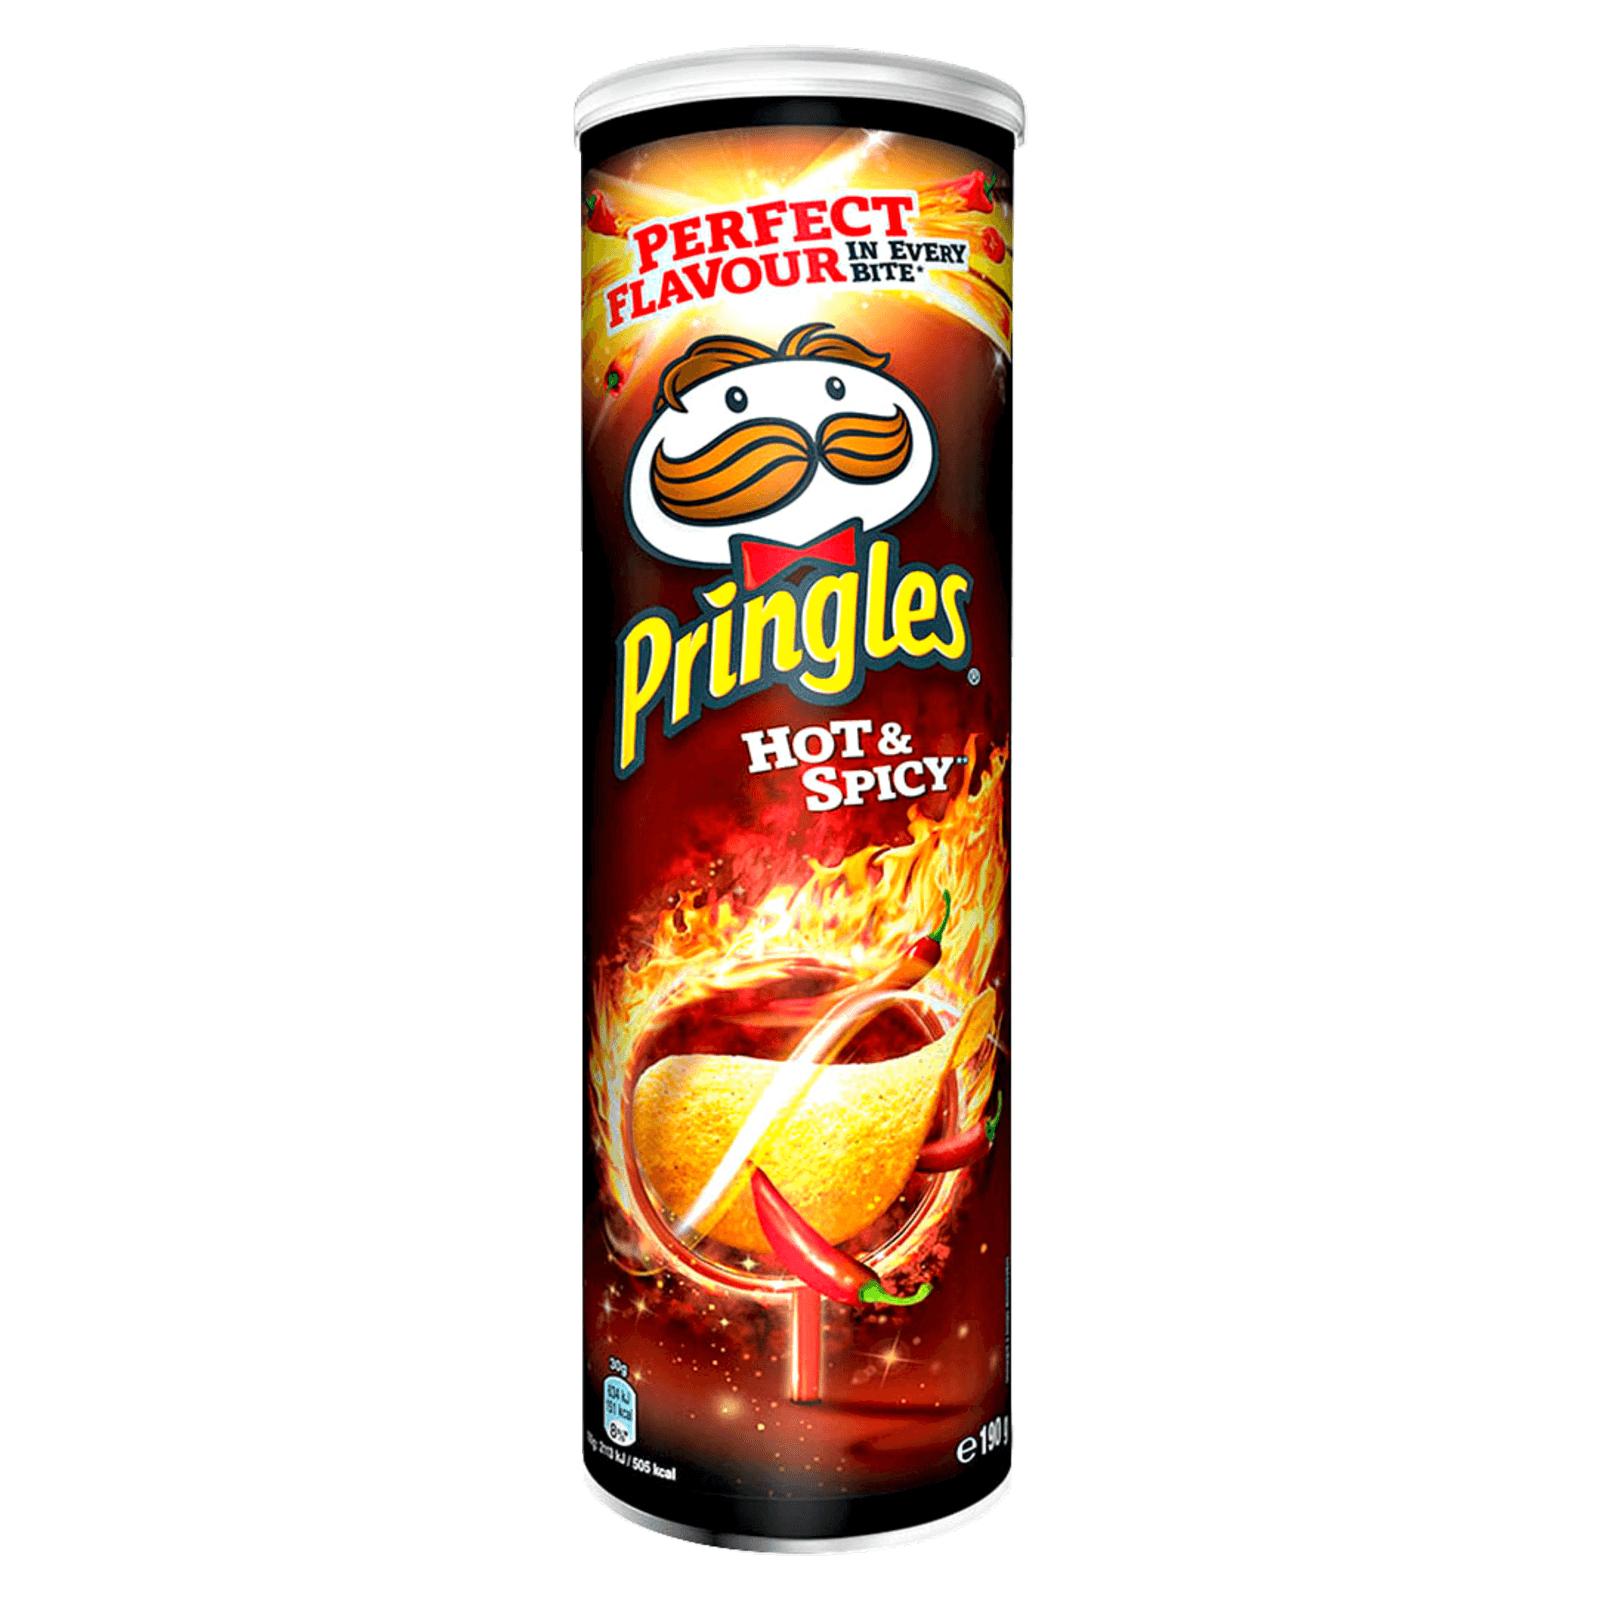 verschiedene Sorten Pringles im Sechserpack bei Amazon